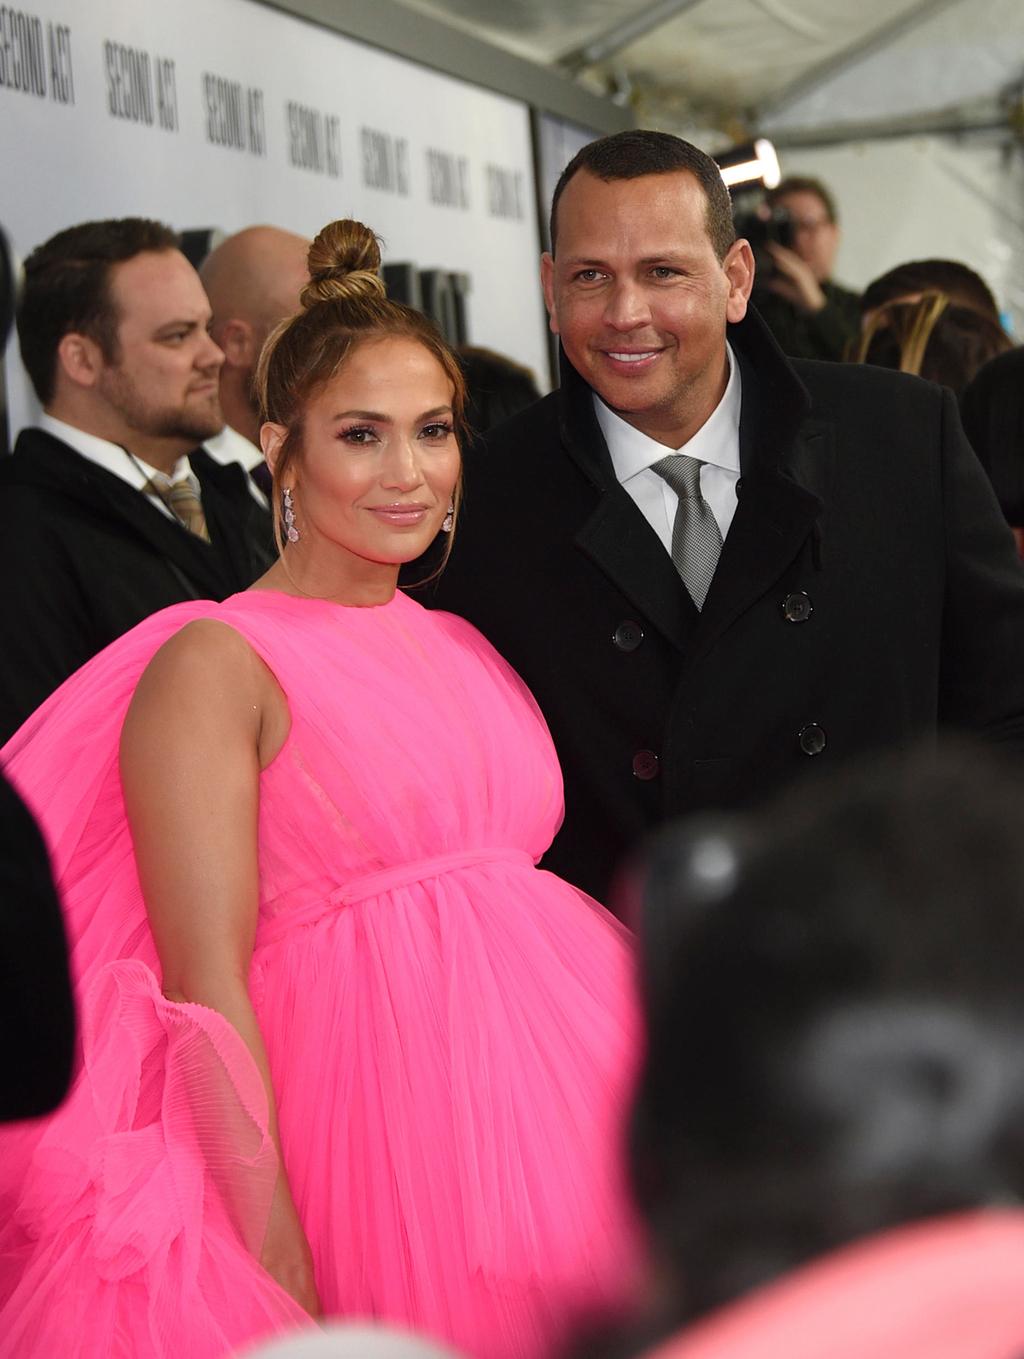 הזמרת והשחקנית ג'ניפר לופז ובעלה שחקן הבייסבול אלכס רודריגז